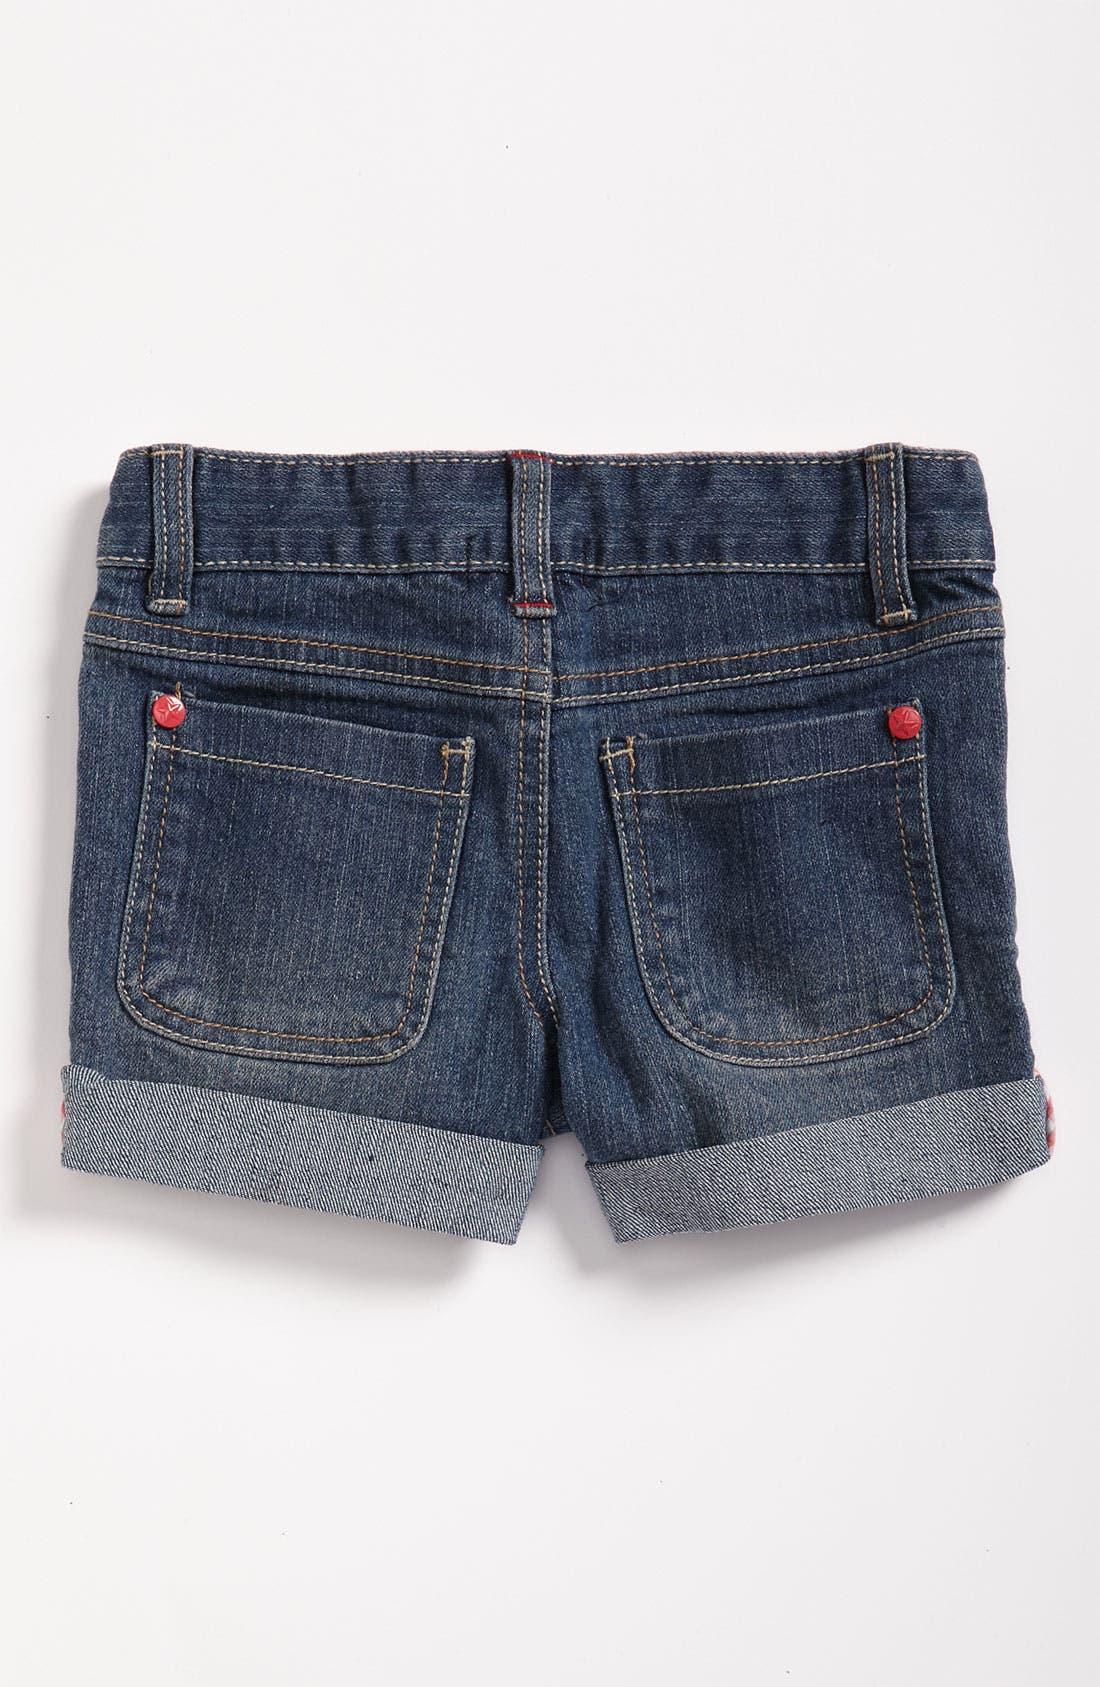 Alternate Image 1 Selected - Pumpkin Patch Denim Shorts (Infant)